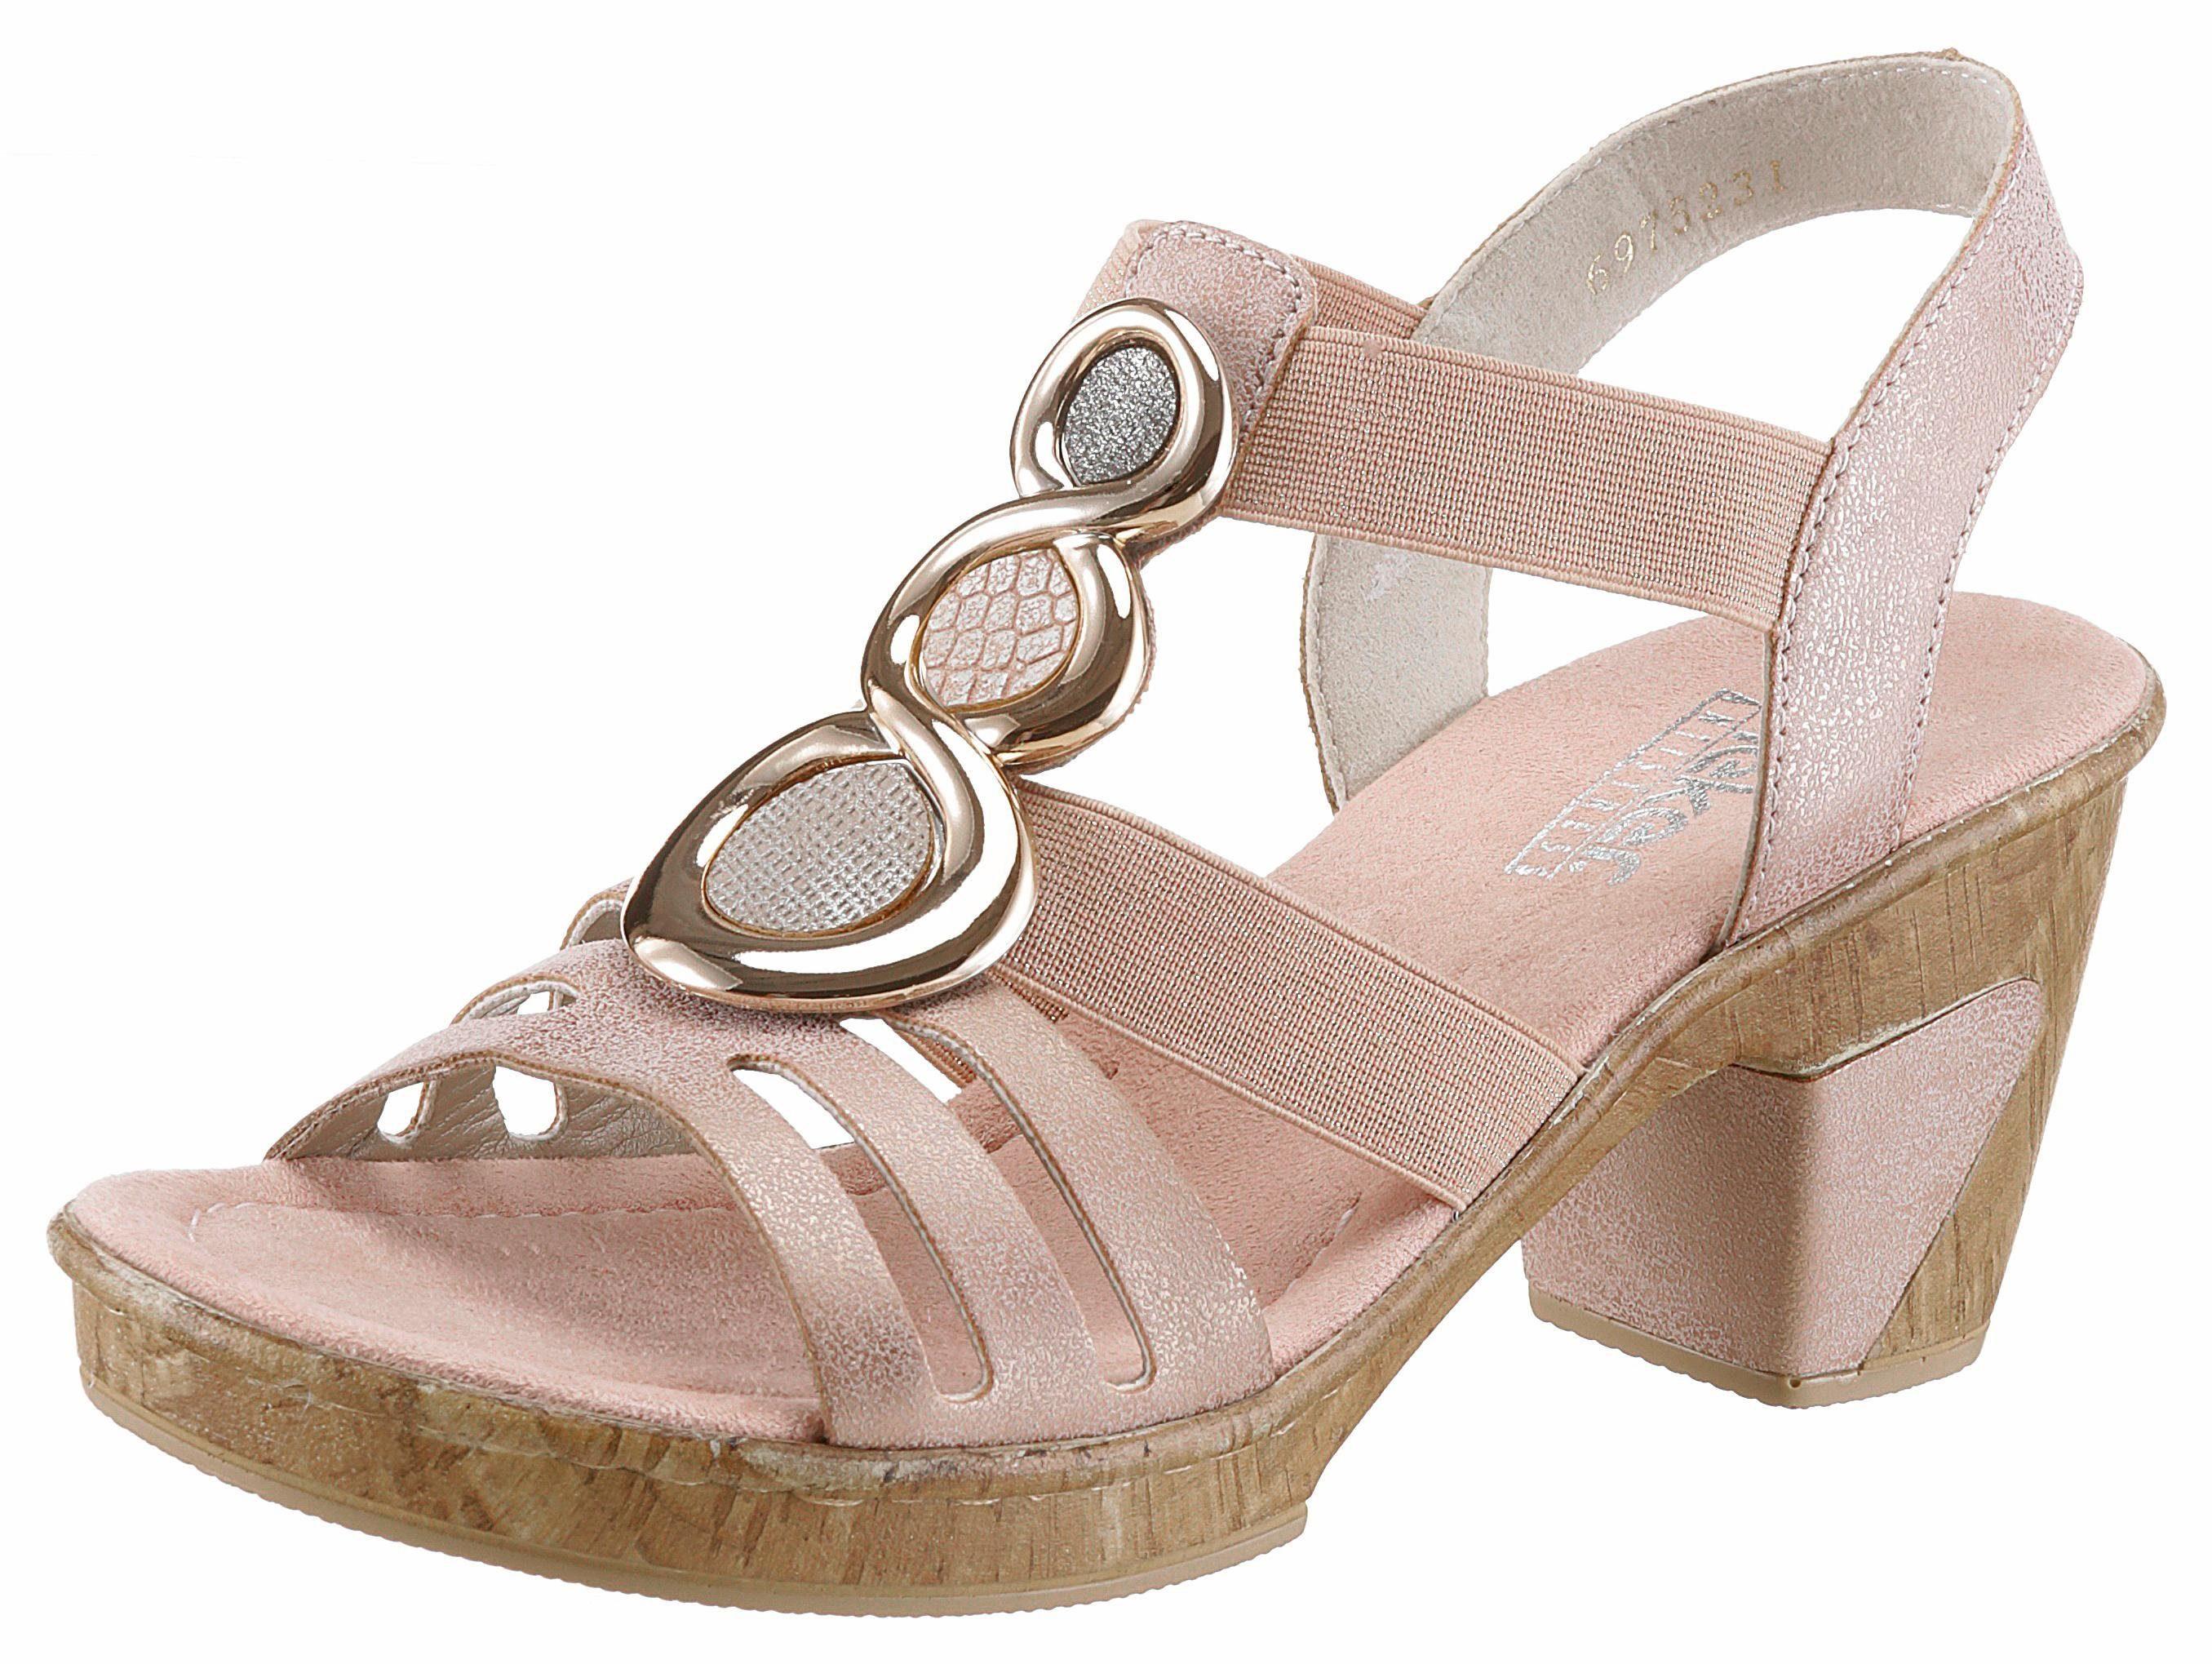 Rieker Sandalette mit angesagter Schmuck Applikation online kaufen | OTTO